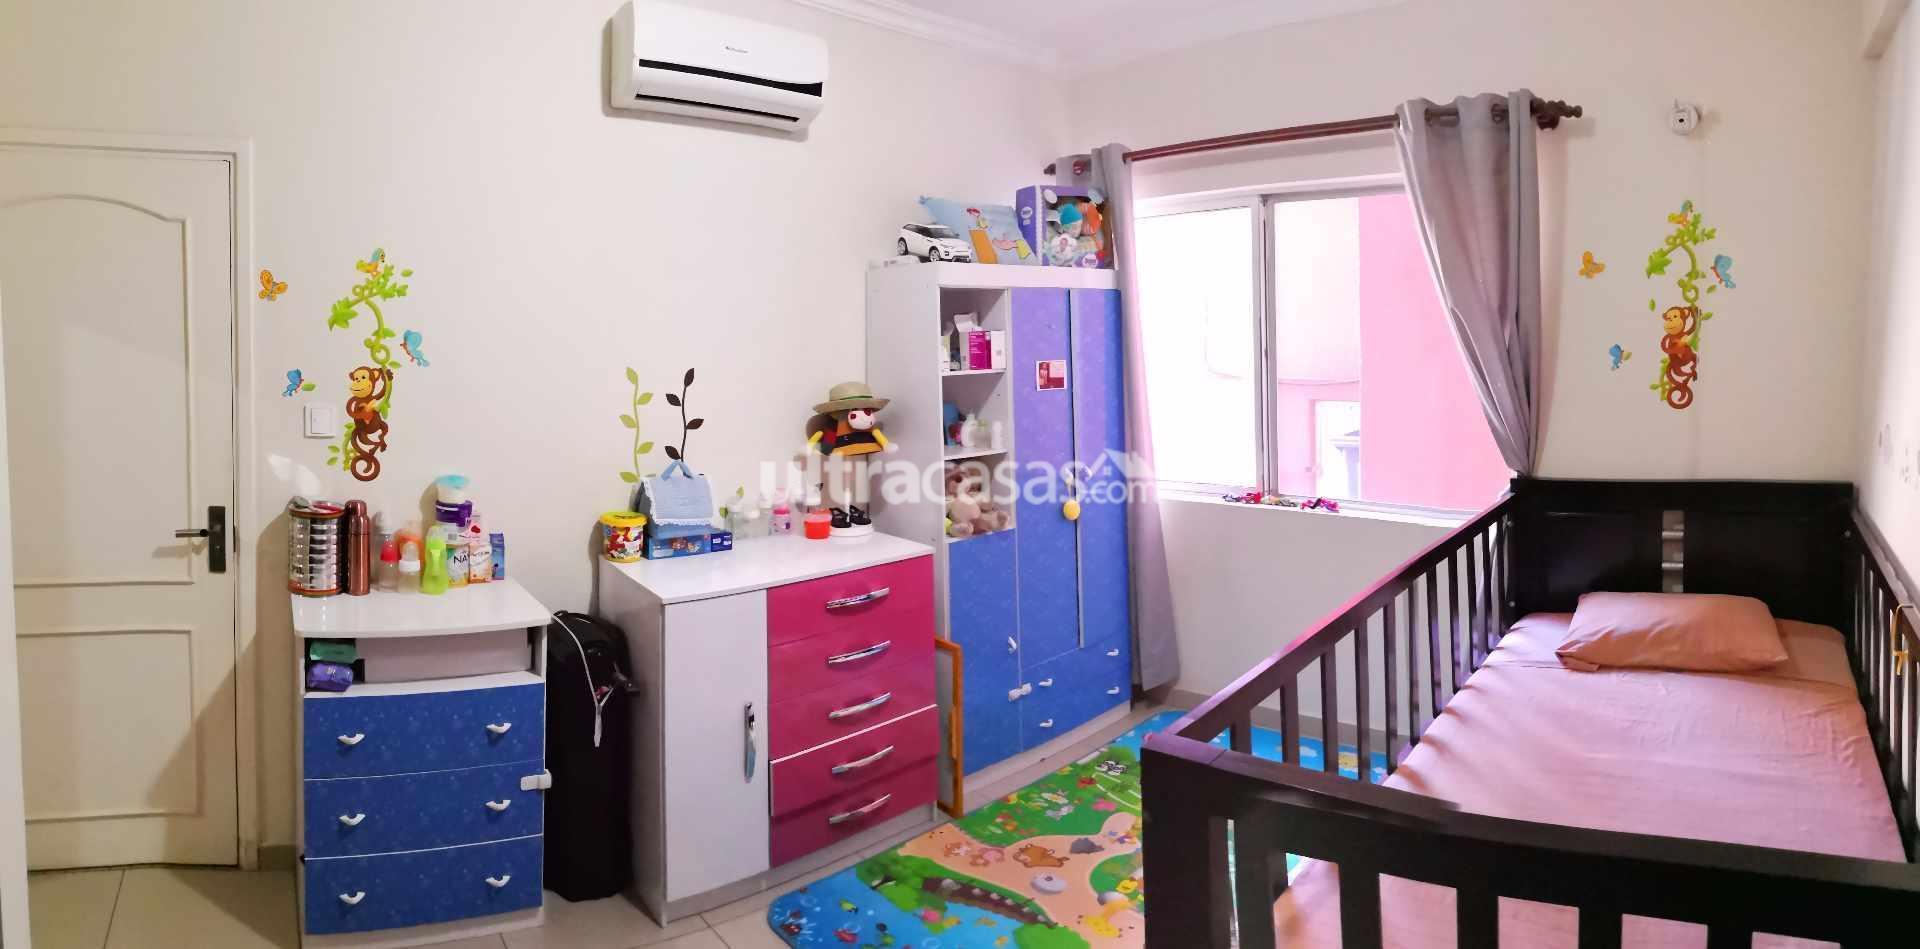 Departamento en Venta Av Banzer entre 4to y 5to anillo Foto 10